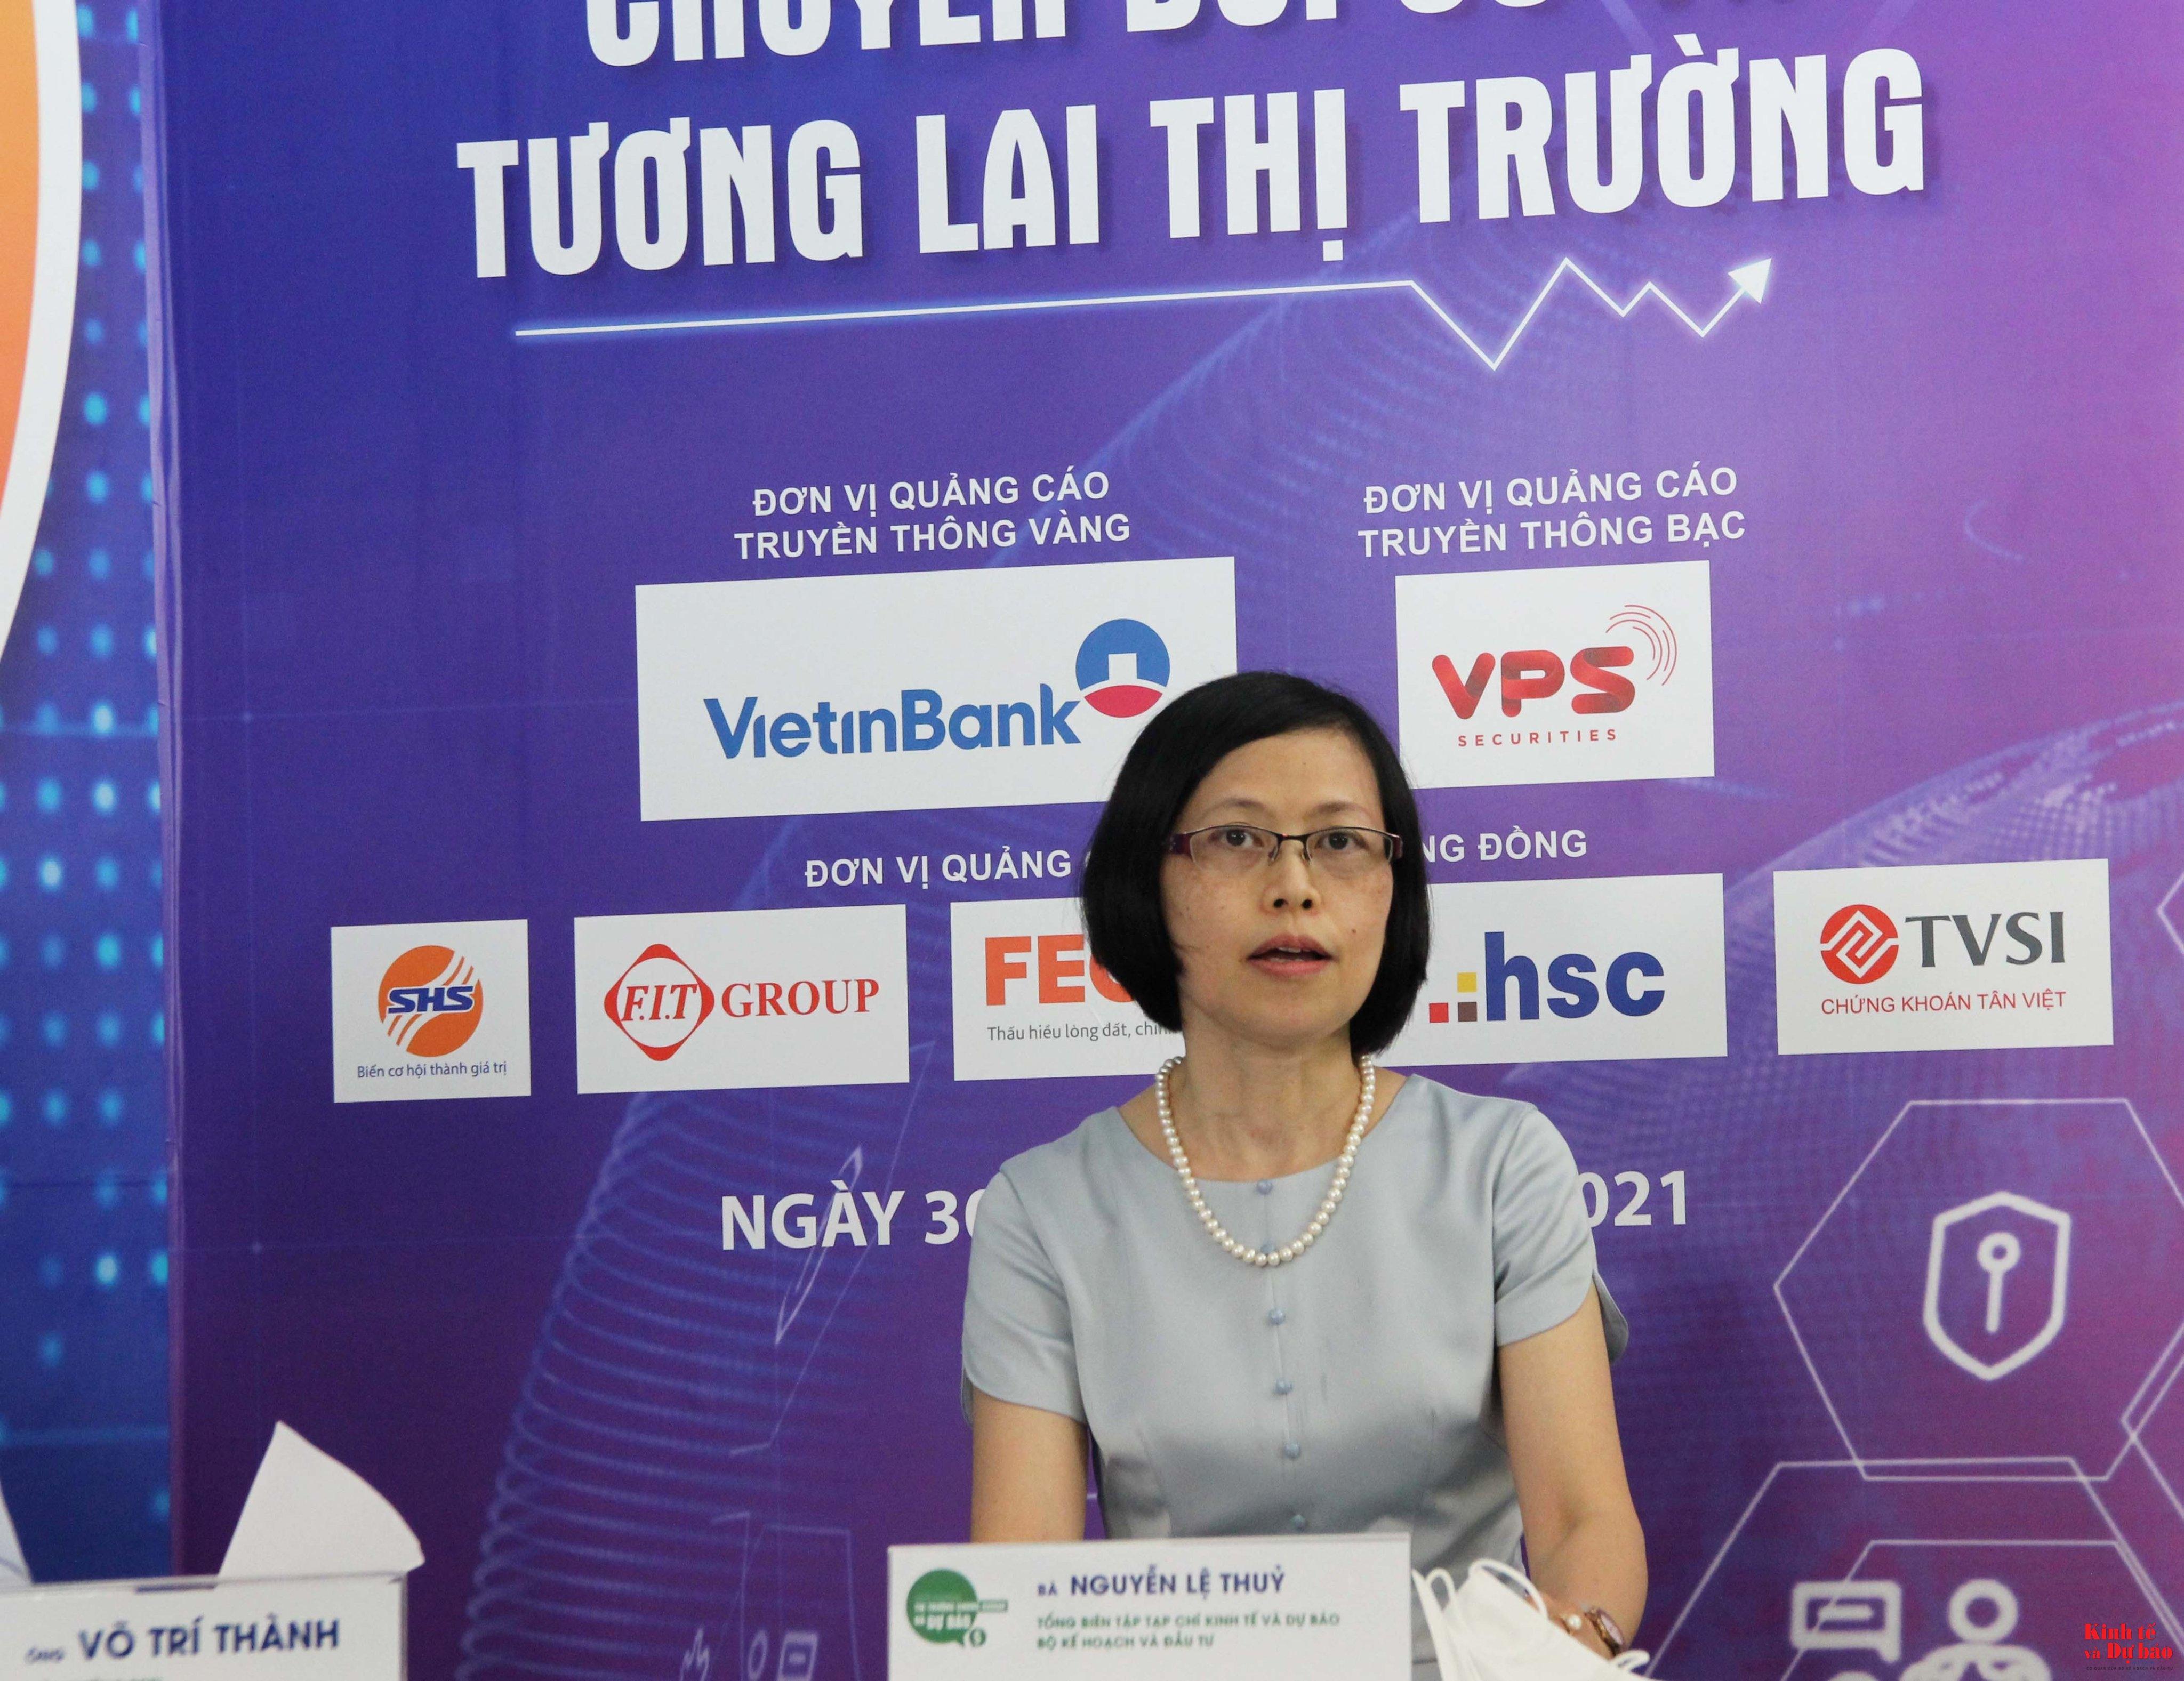 Phó Chủ tịch UBCKNN Phạm Hồng Sơn: Cố gắng vận hành hệ thống mới trong tháng 7 tới